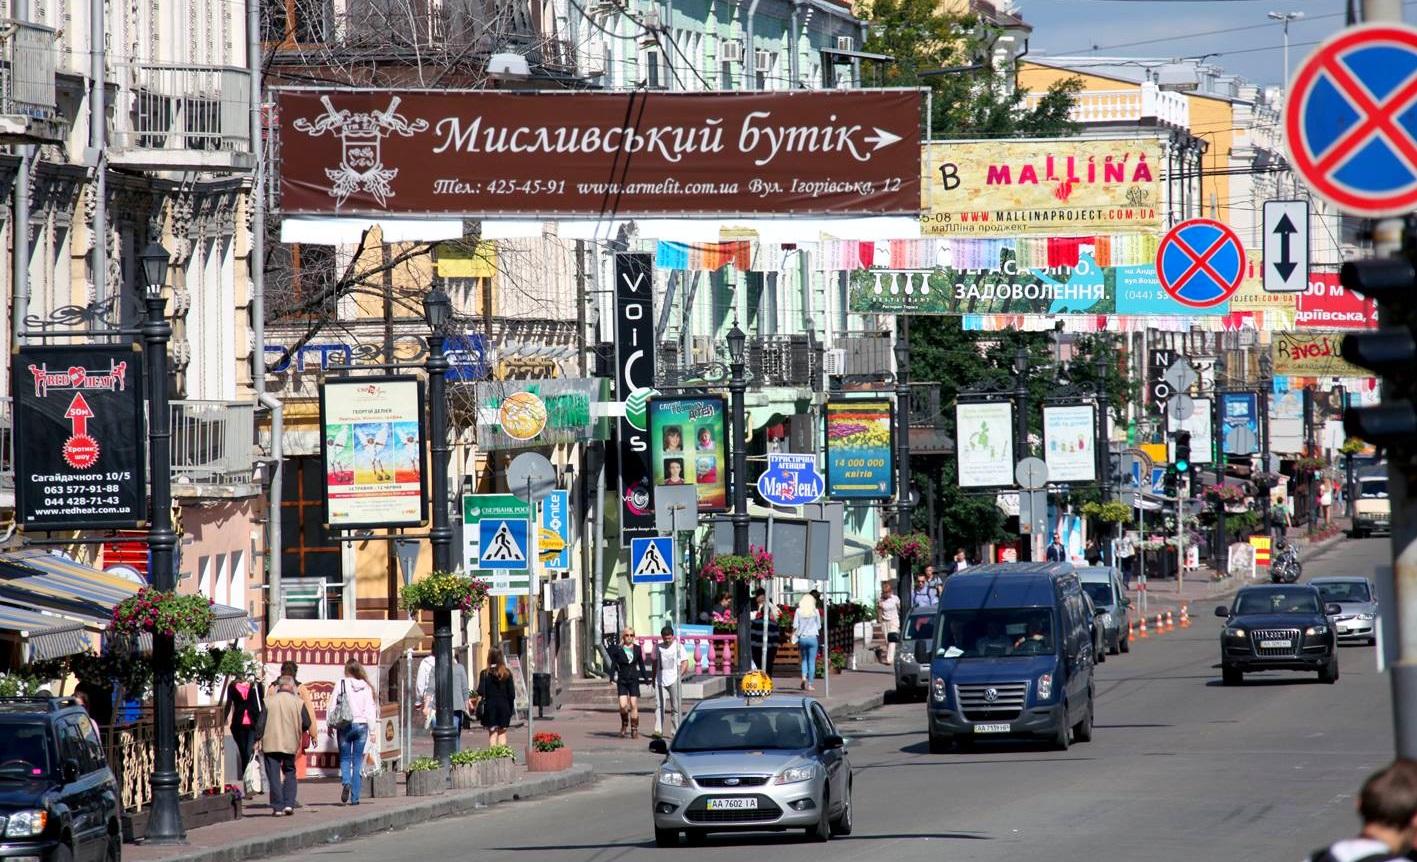 Наружная реклама в Киеве — основа рекламной кампании